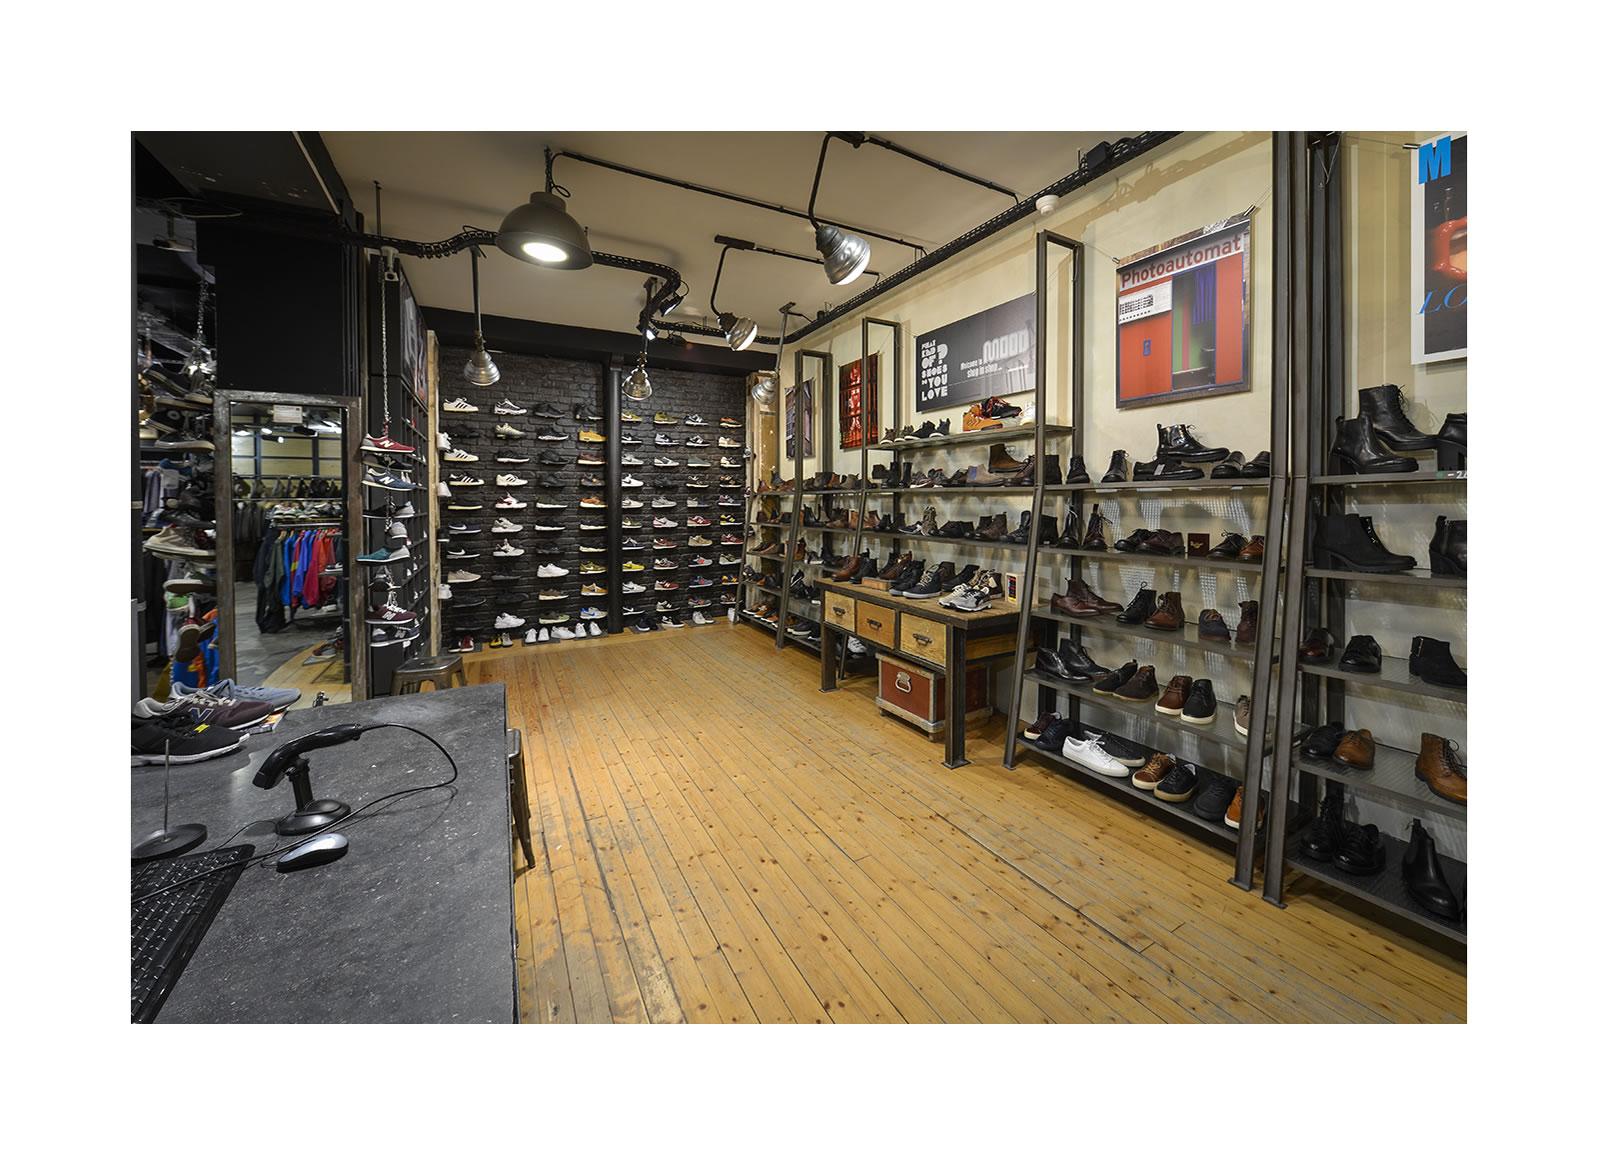 Magasin 13 Kiliwatch Paris Concept Store